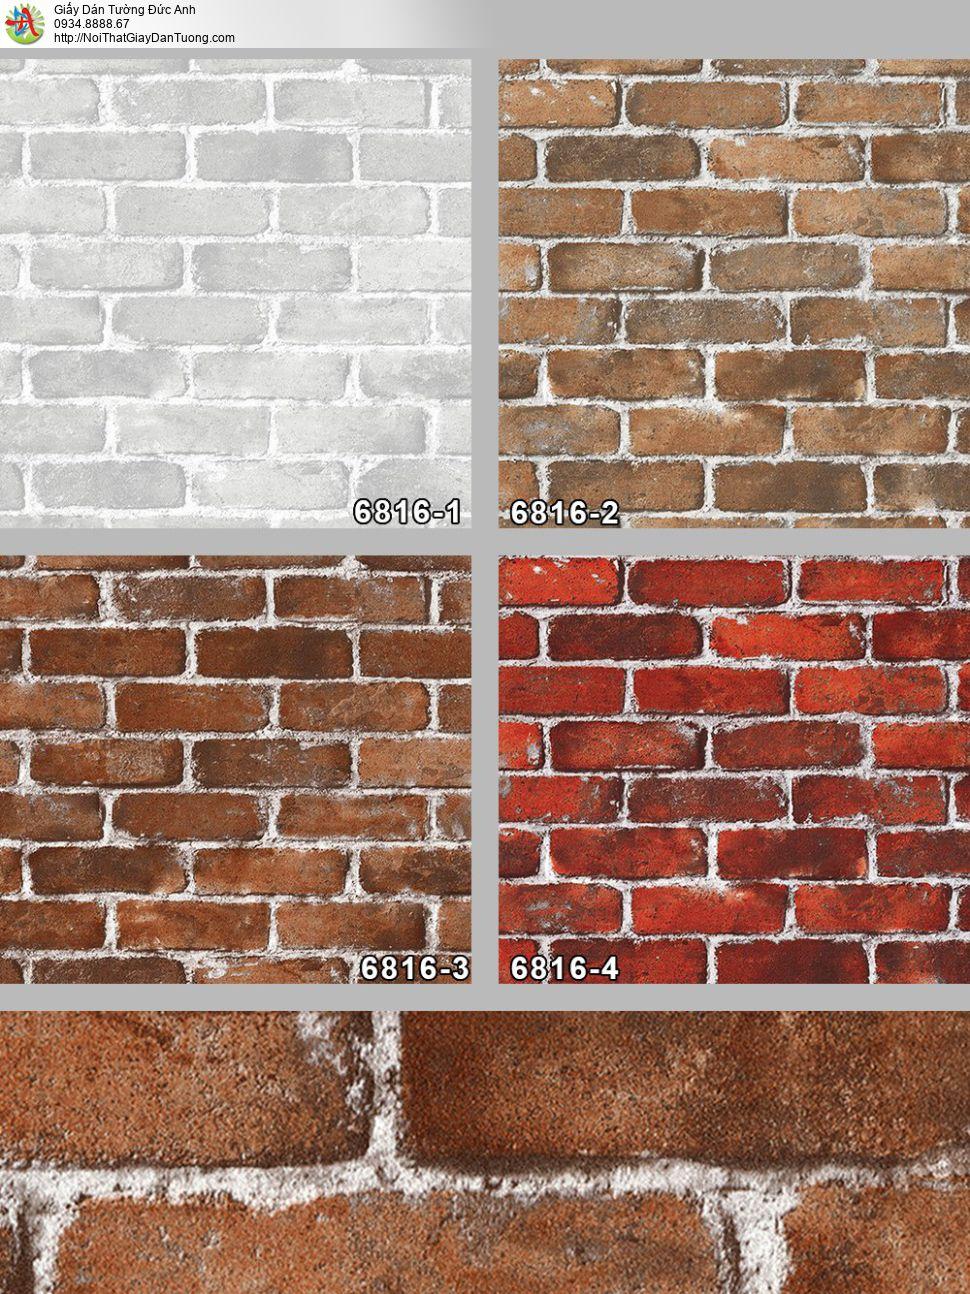 Albany 6816-4, Giấy dán tường giả gạch 3D màu đỏ thẫm, Giấy giả gạch đỏ đậm 2022